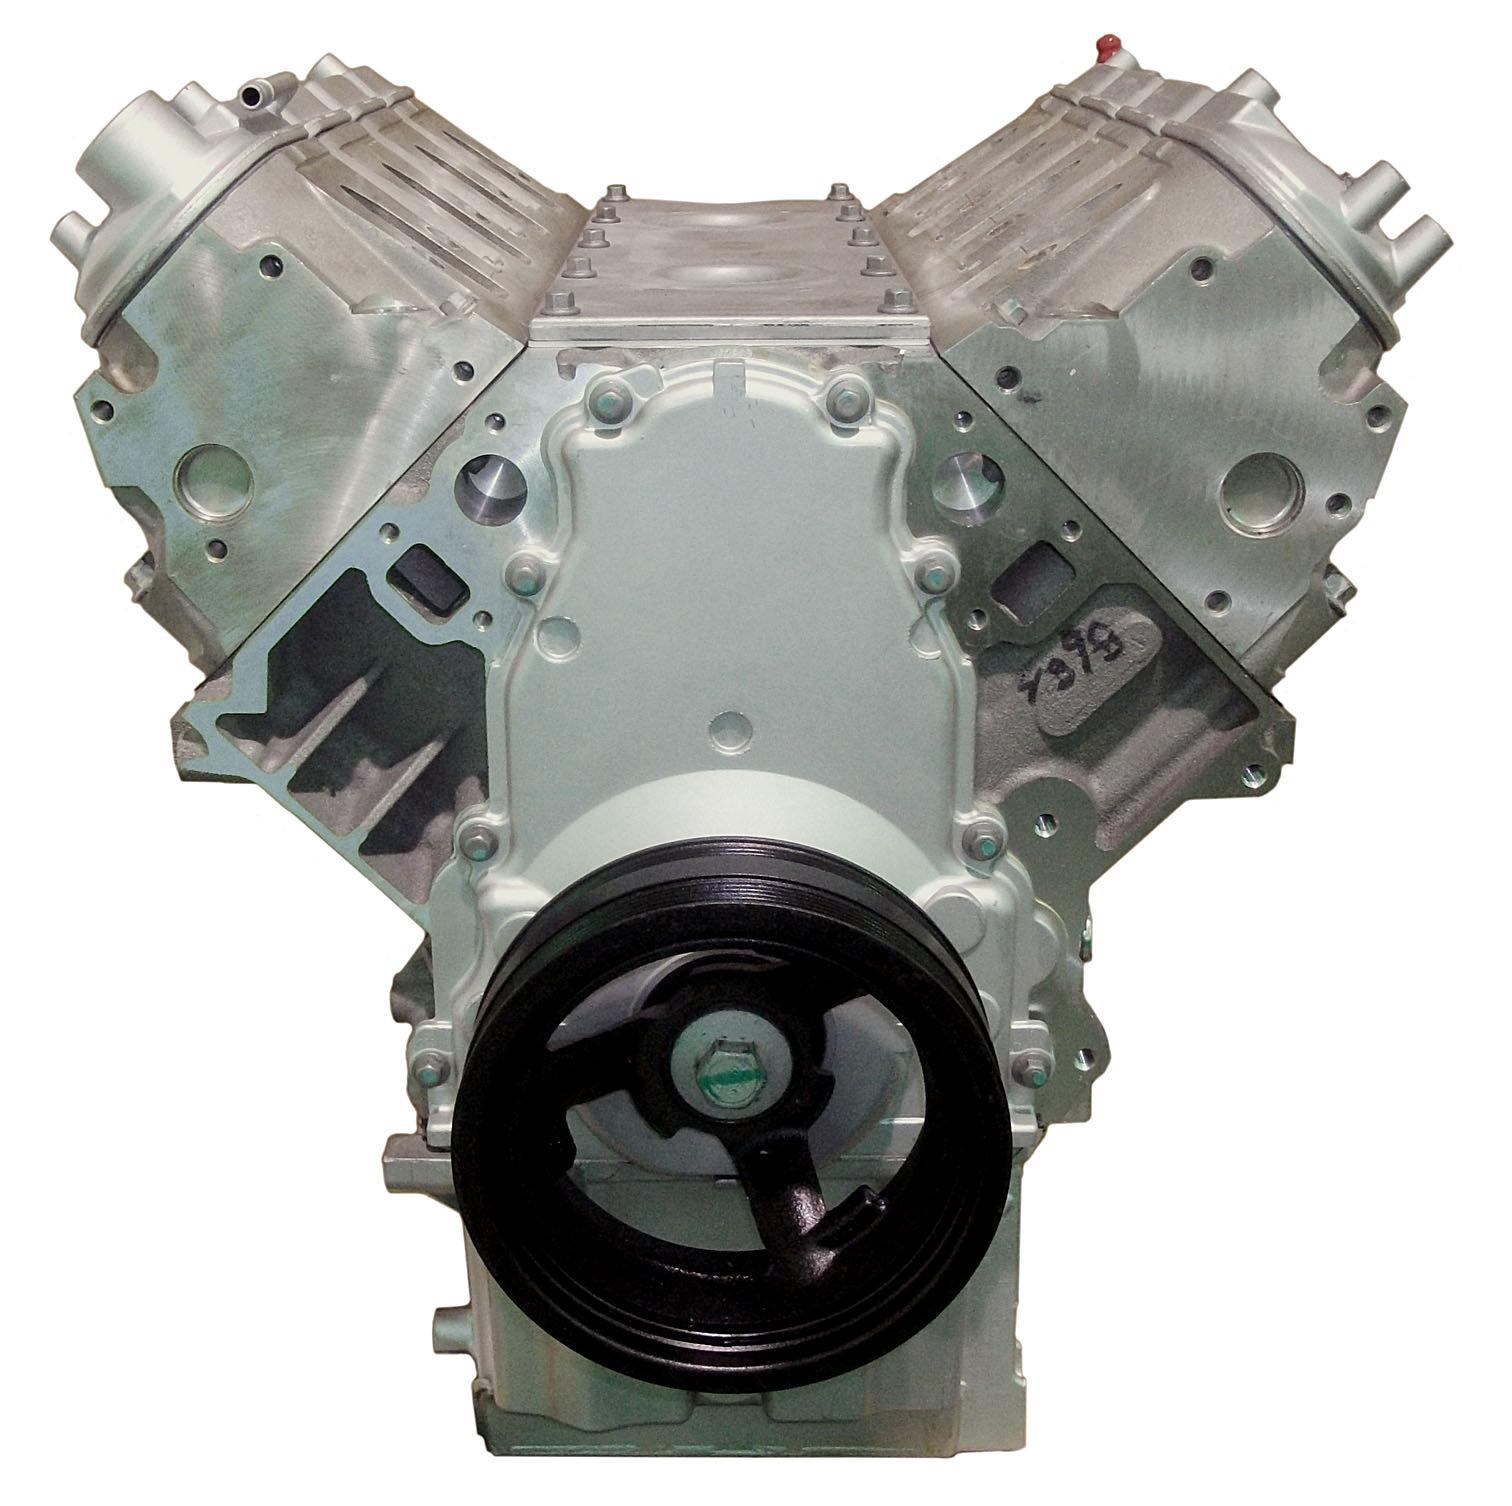 03-04 GM 5.3-Liter Engine Trailblazer EXT ONLY